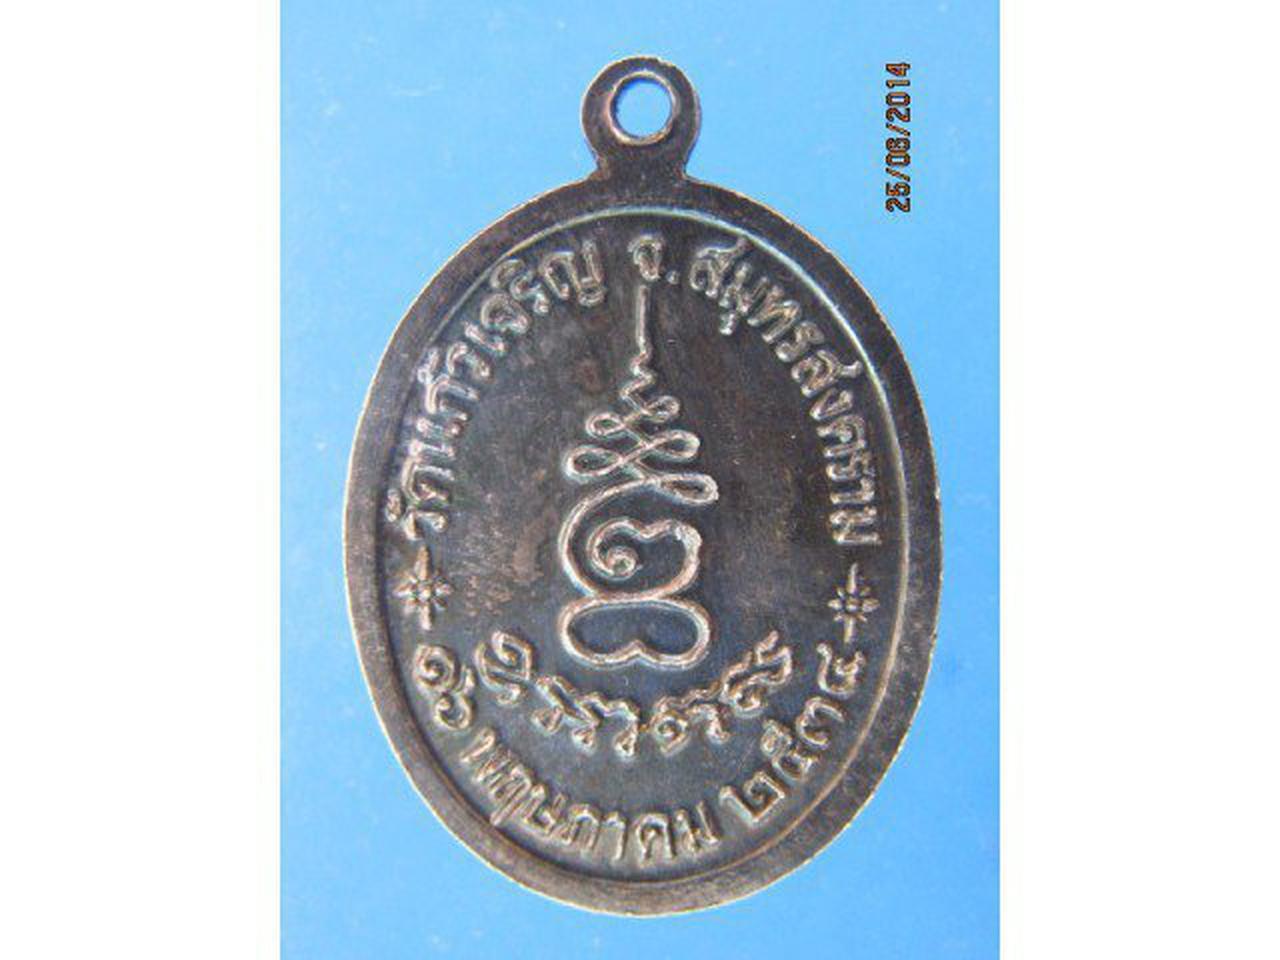 - เหรียญเนื้อเงินหลวงพ่อหยอด วัดแก้วเจริญ อายุ 81 ปี ปี 2534 รูปที่ 1